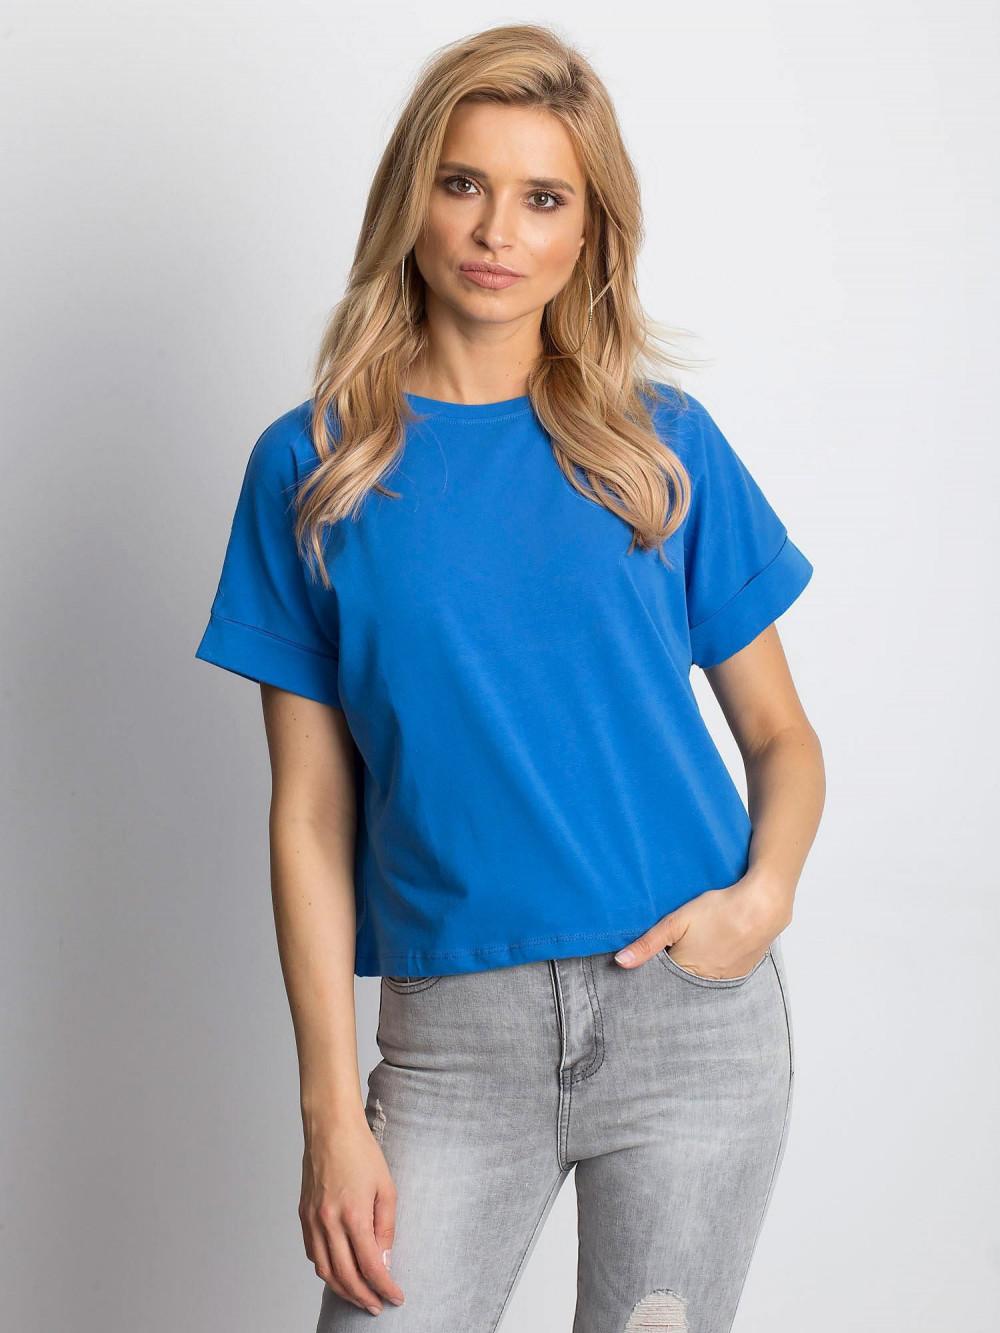 Ciemnoniebieski luźny t-shirt Blink 1